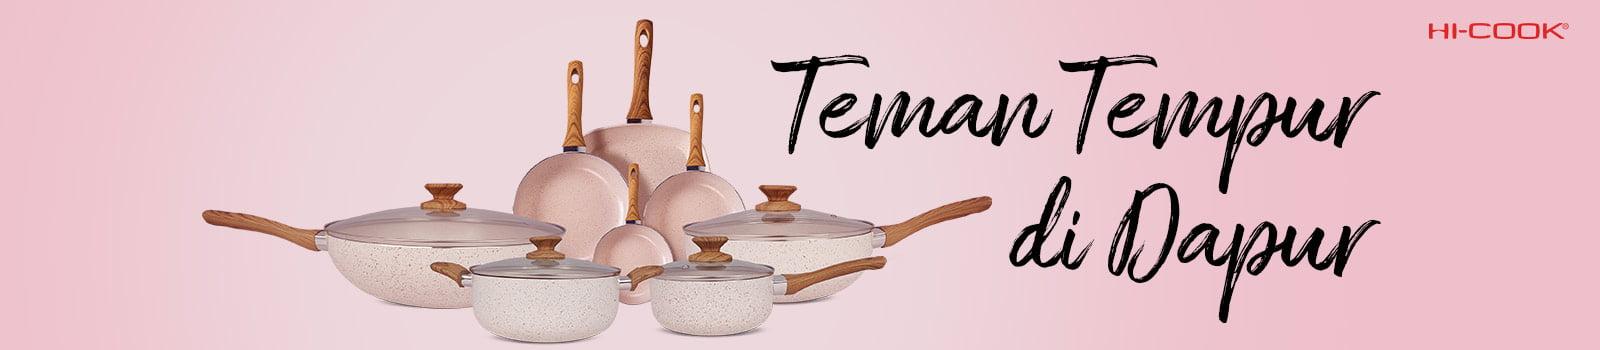 Teman Tempur Di Dapur Pan Hi-Cook